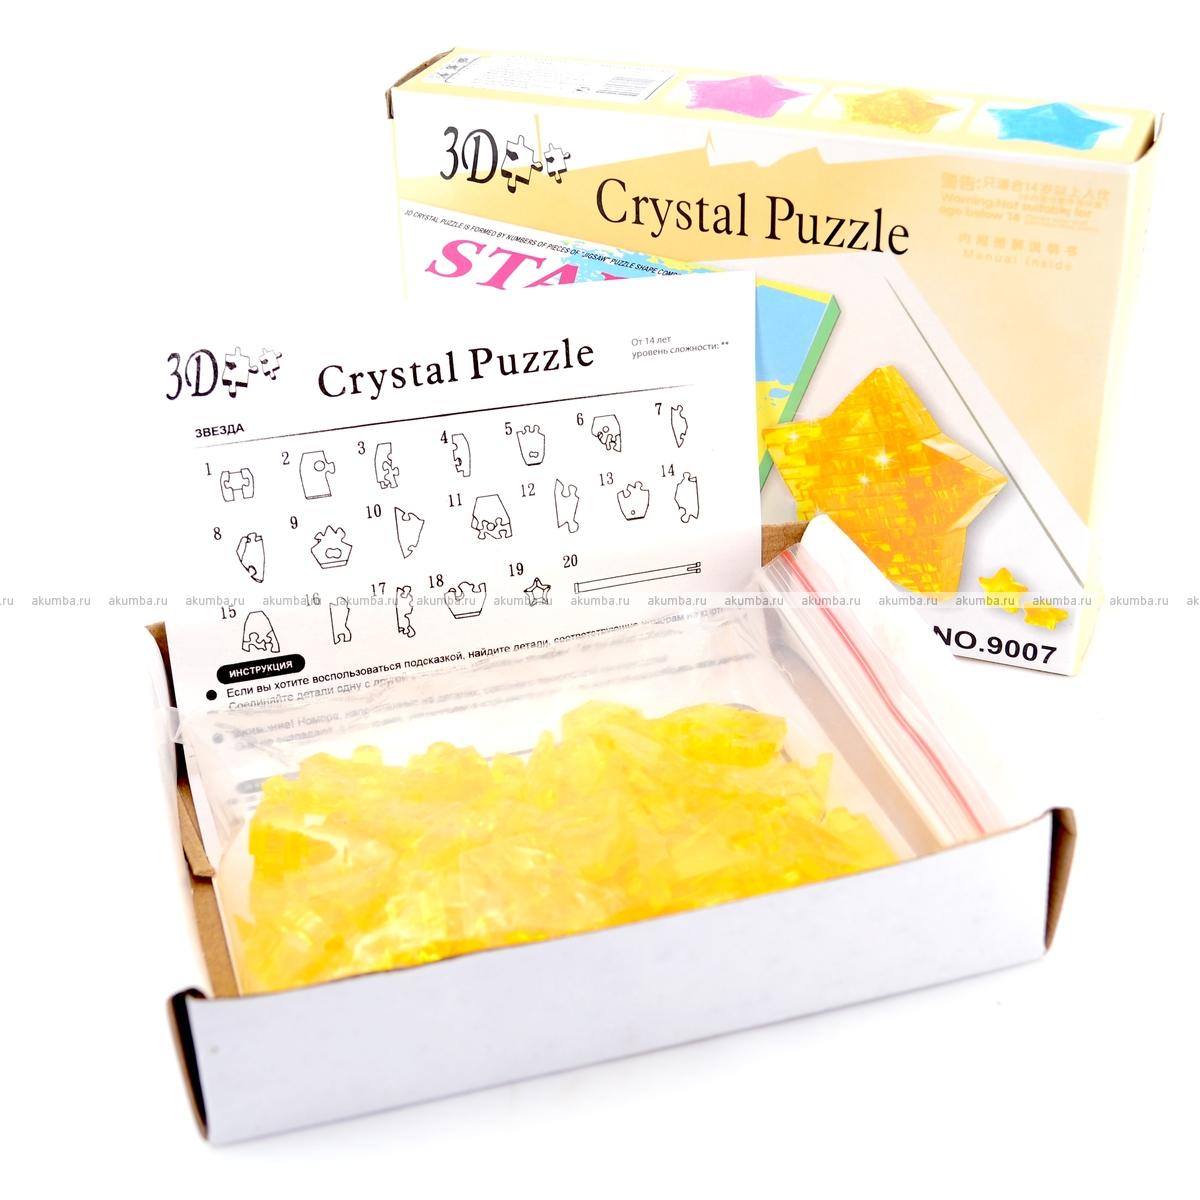 инструкция по собиранию кристалл пазл